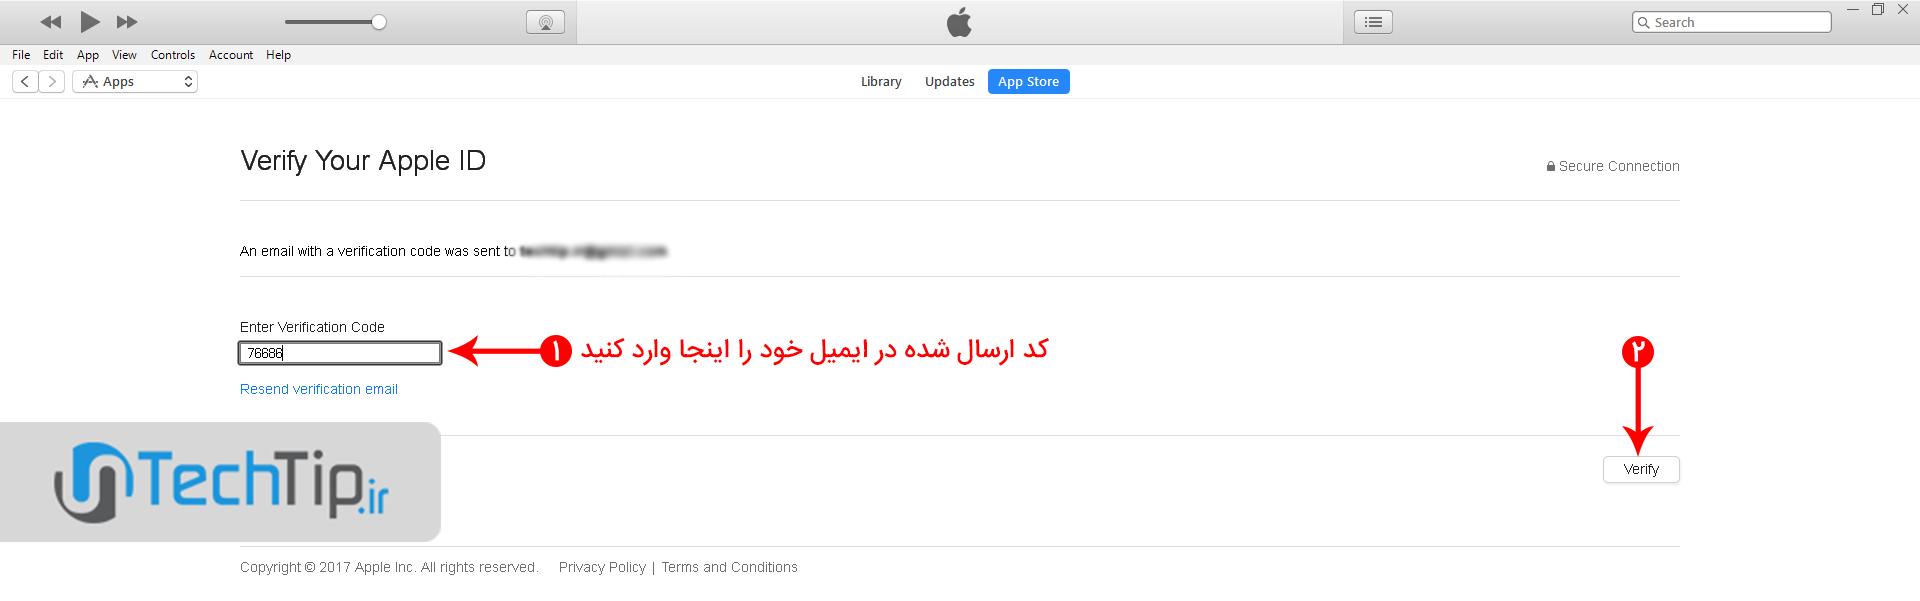 آموزش ساخت اپل آیدی (Apple ID)